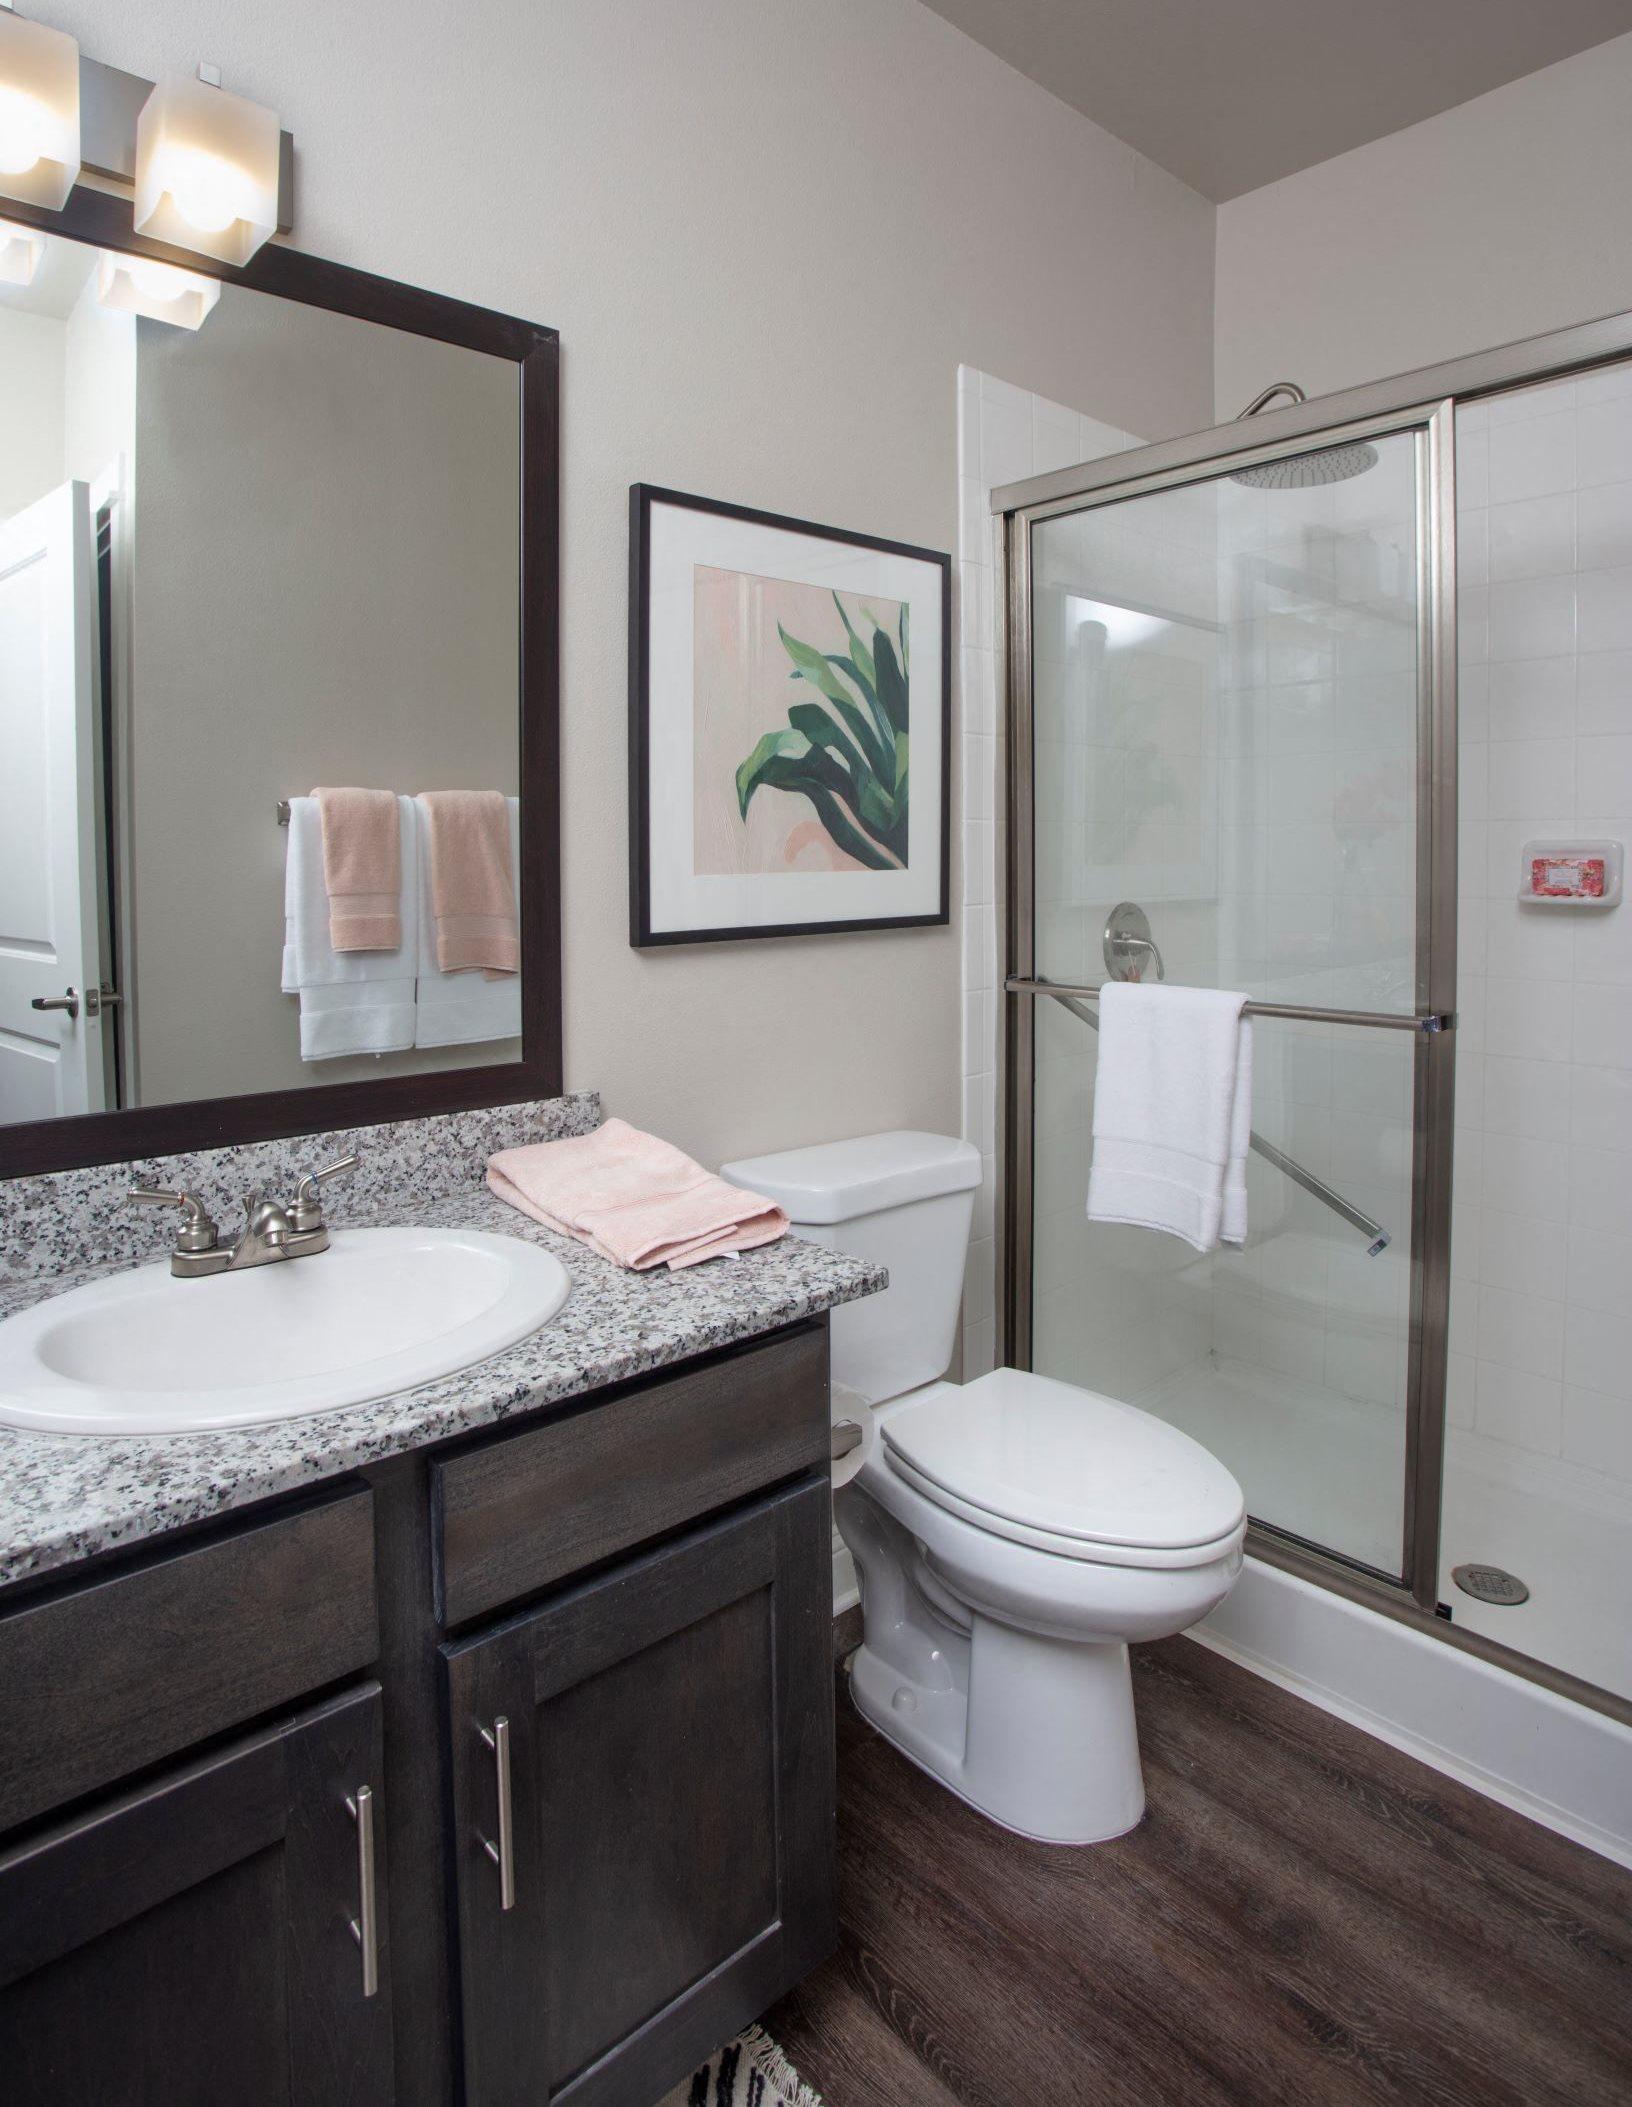 Bathroom at Legacy at 2020